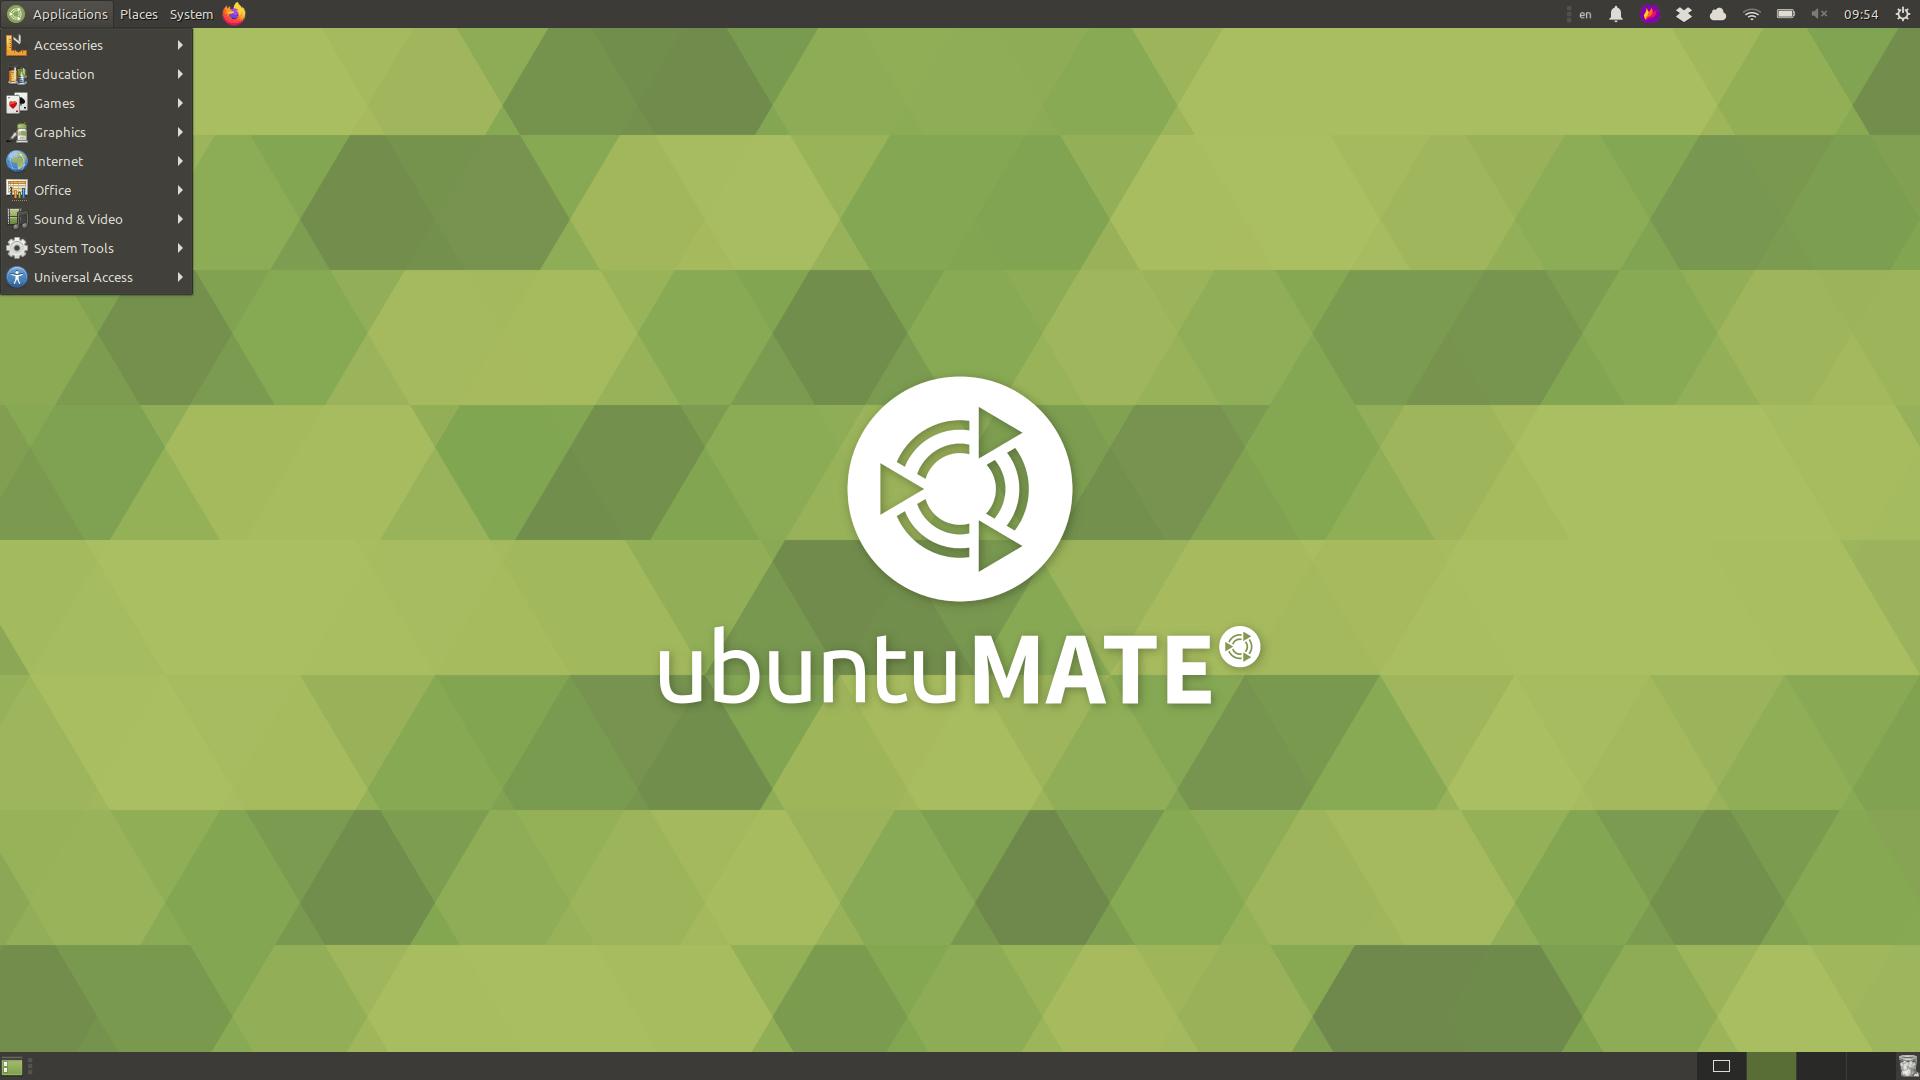 Ubuntu mate 19.10 5 December 22, 2019